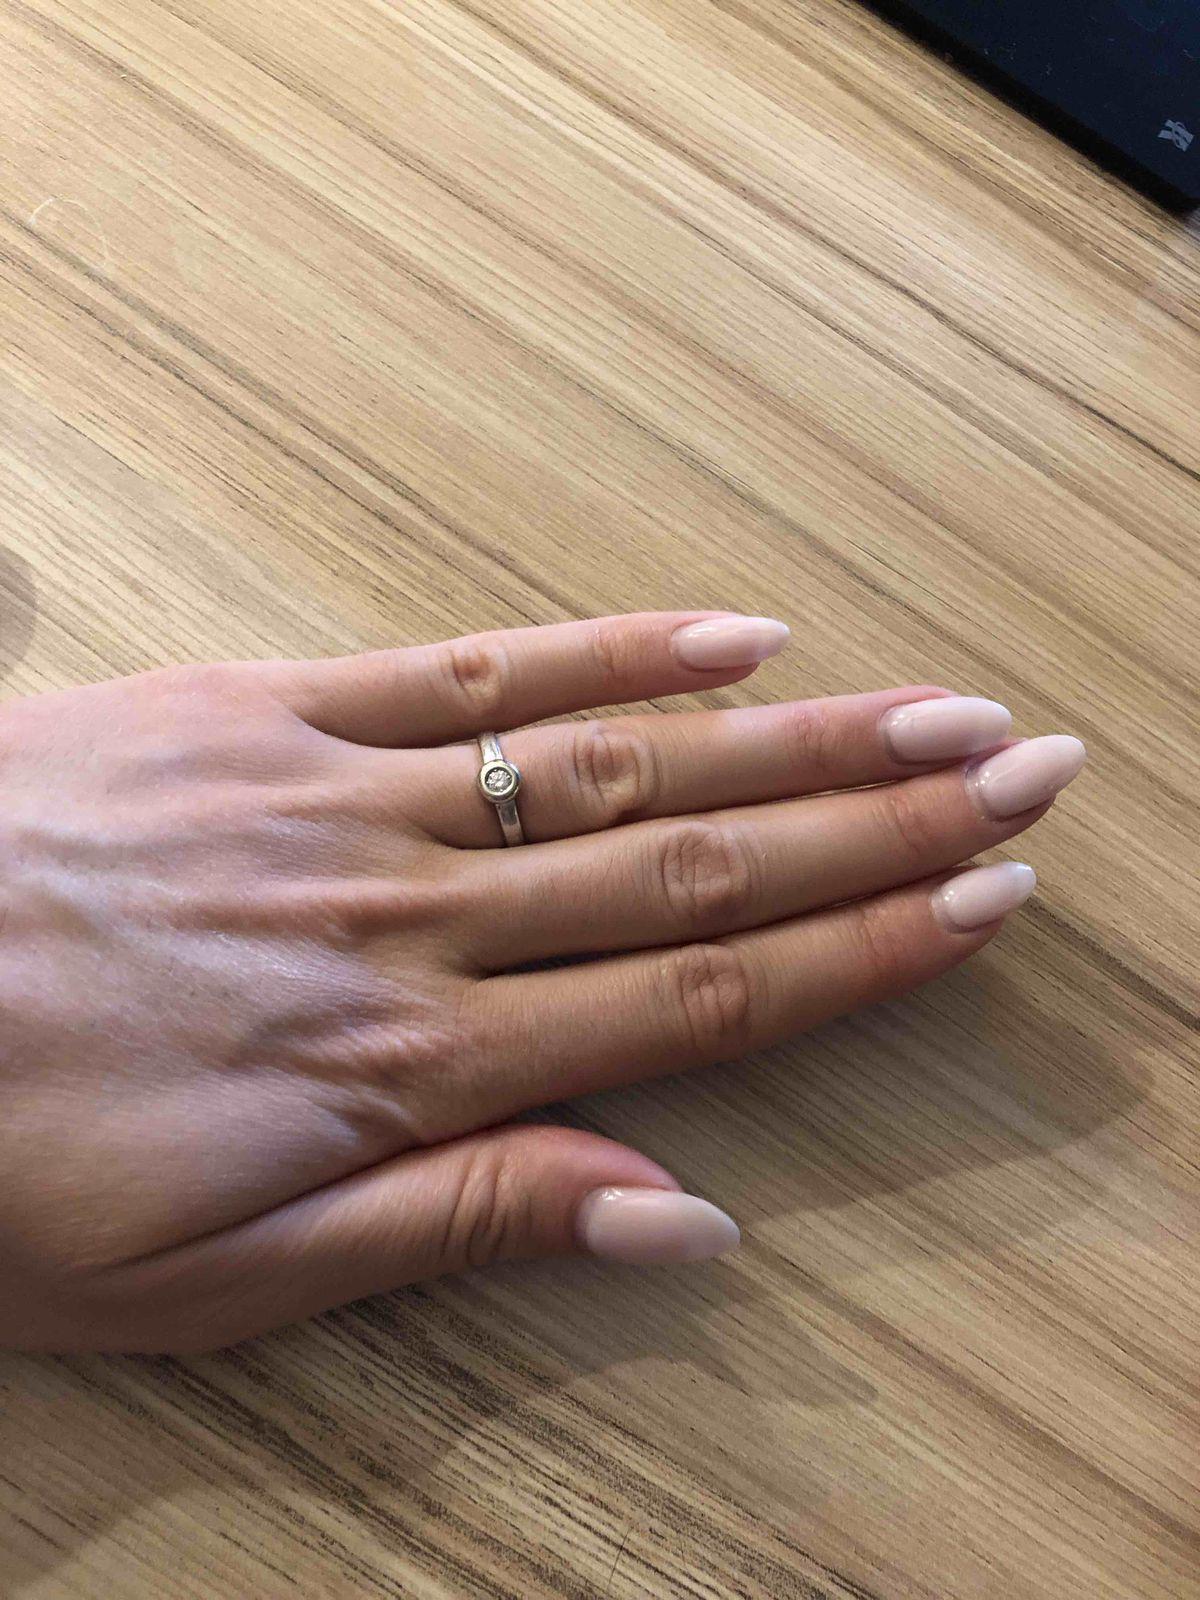 Мое любимоооое кольцо